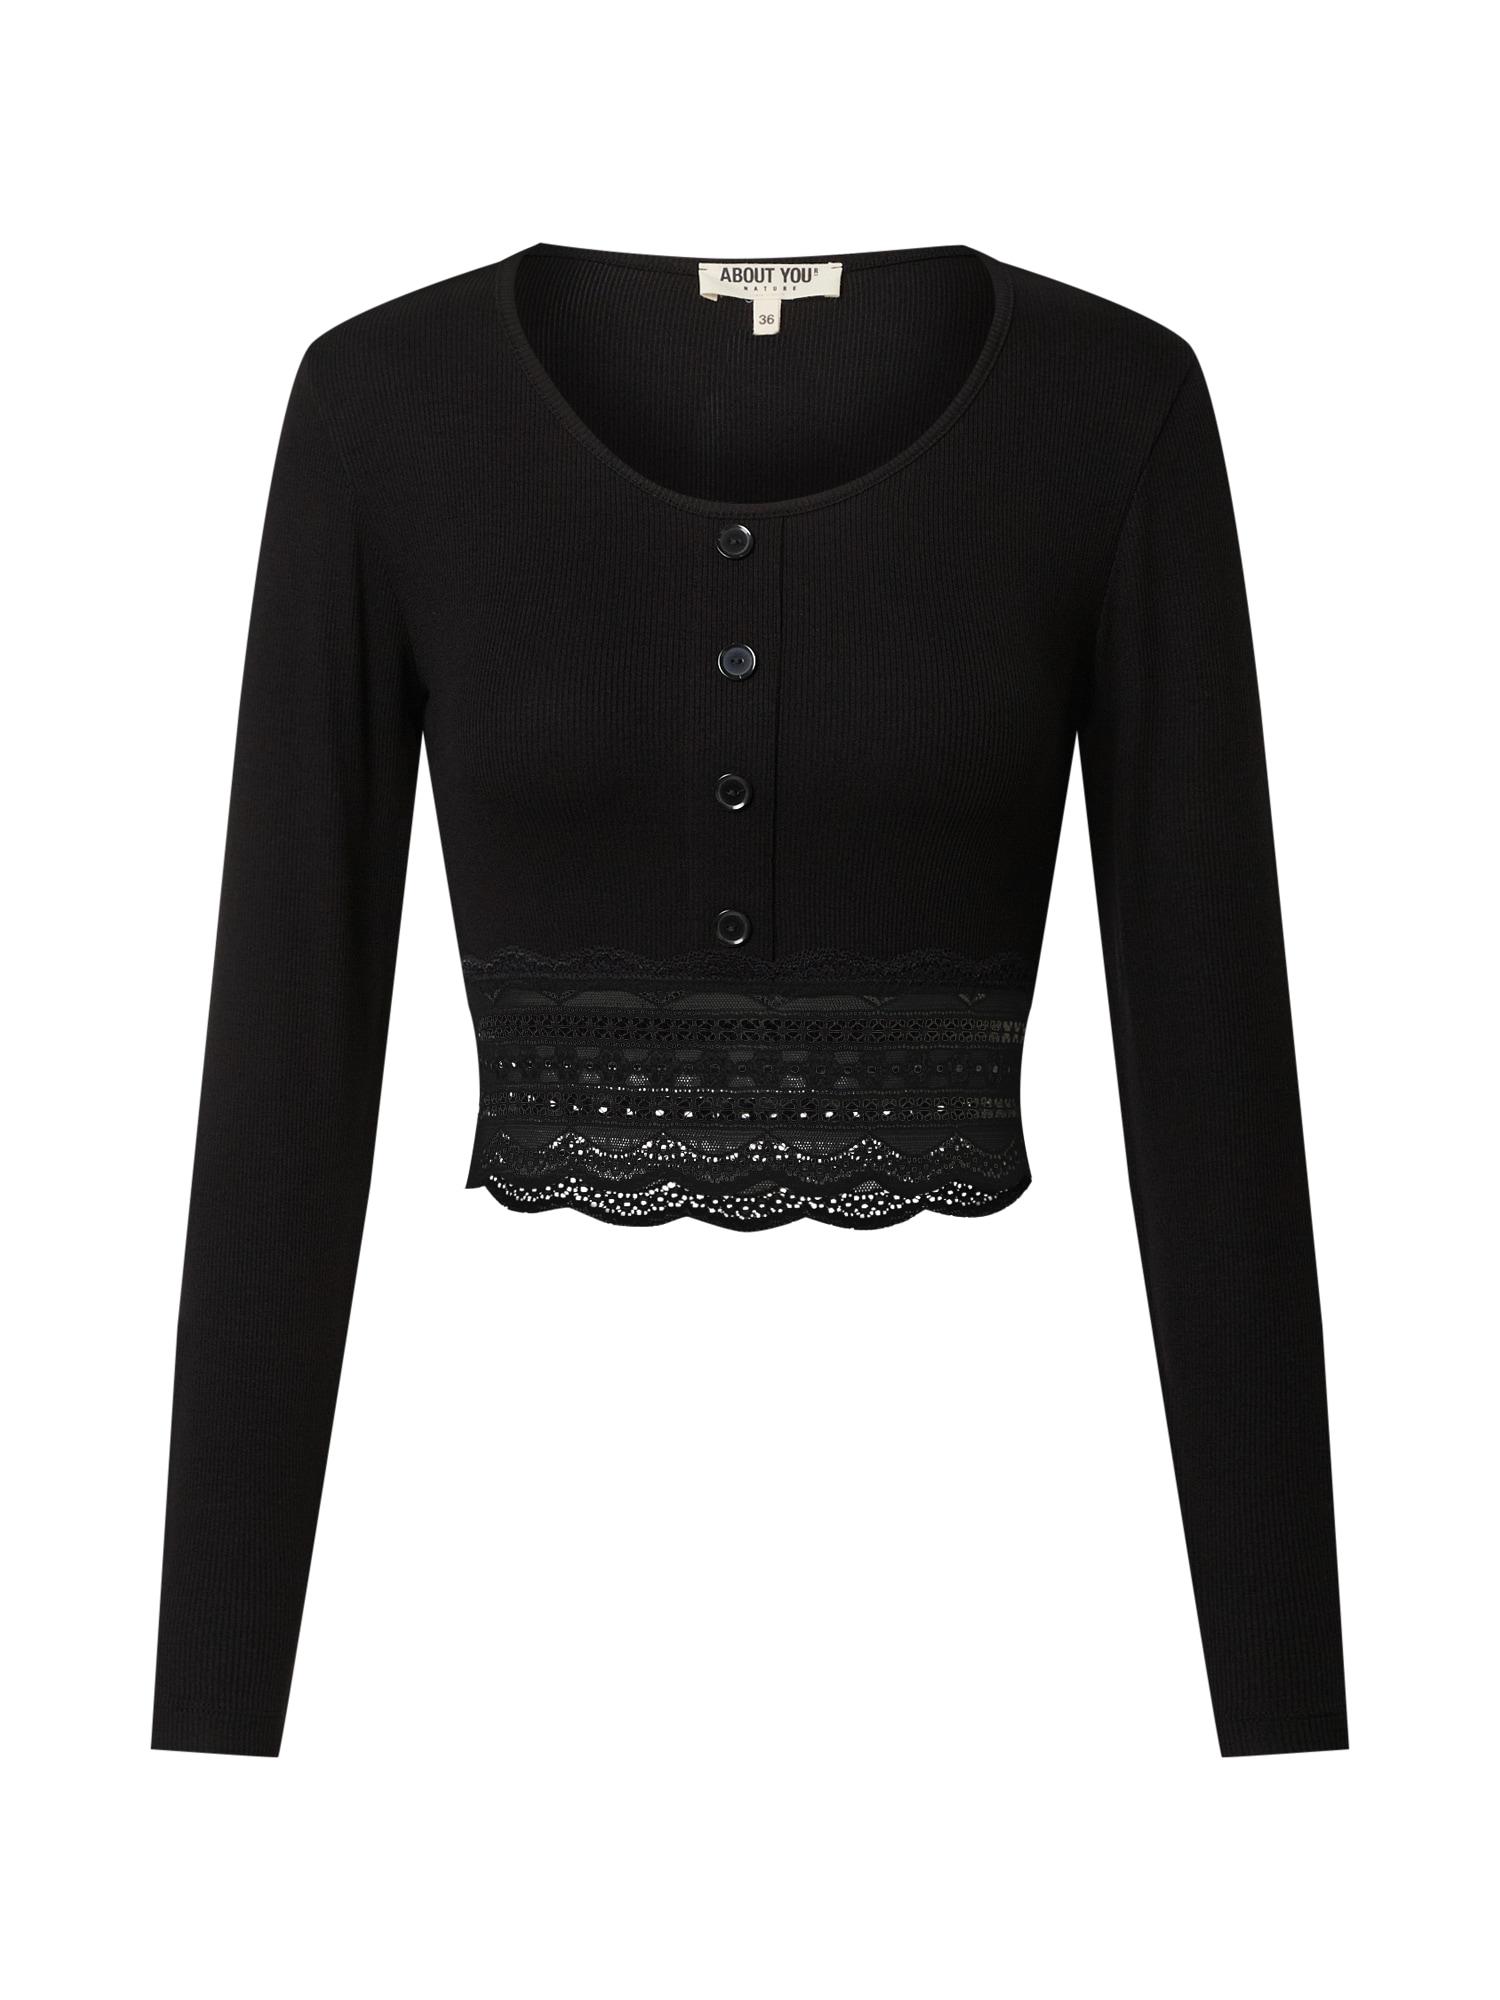 ABOUT YOU Marškinėliai 'Jasmina' juoda